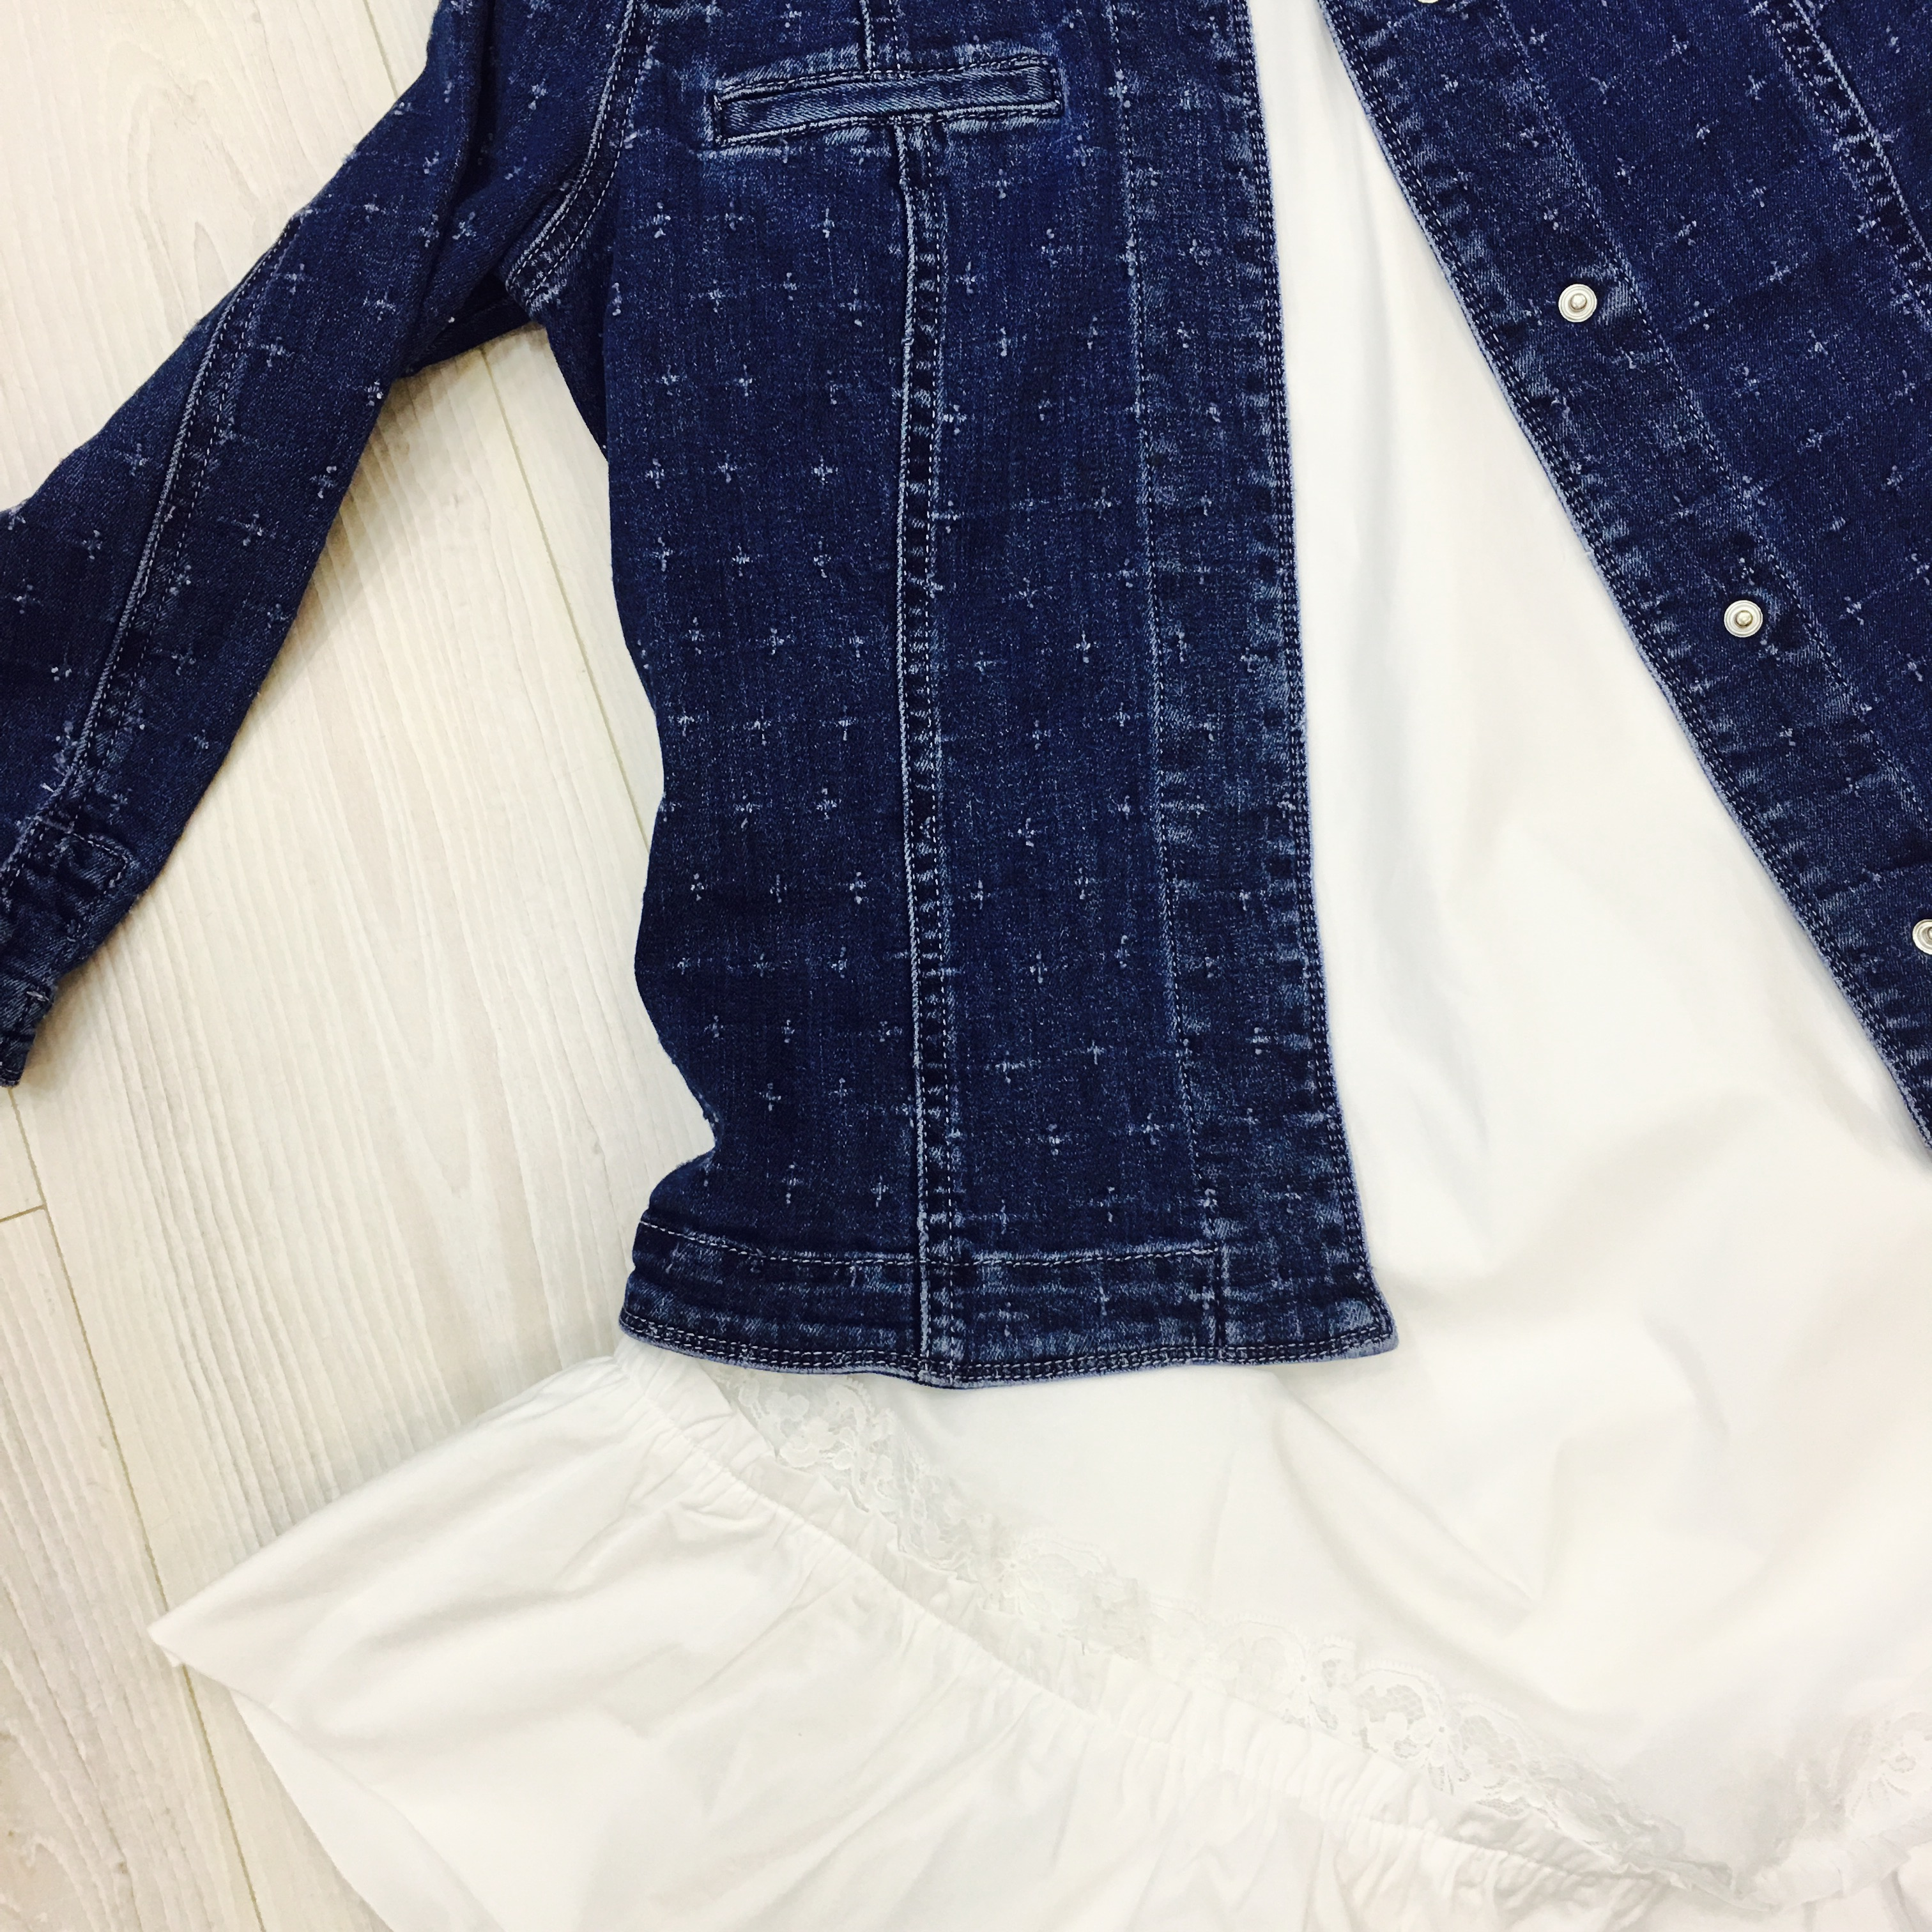 ז'אקט ג'ינס קליל ושמלה לבנה בשילוב ת